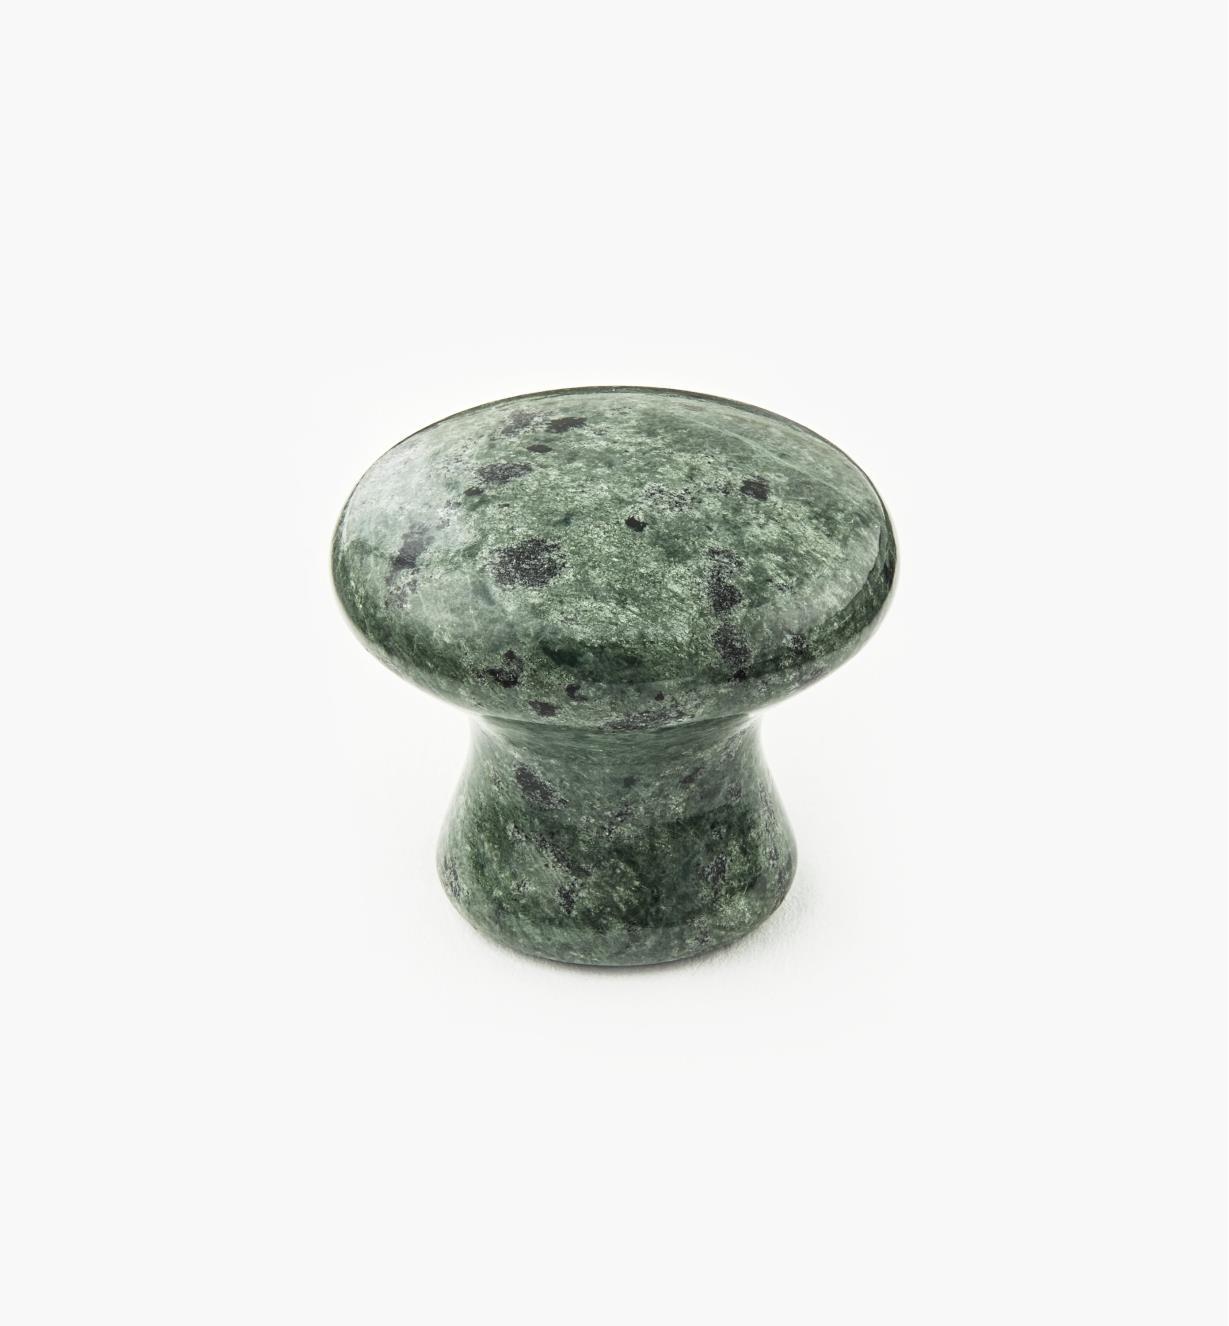 00W4051 - Green Marble Knob, 34mm x 30mm